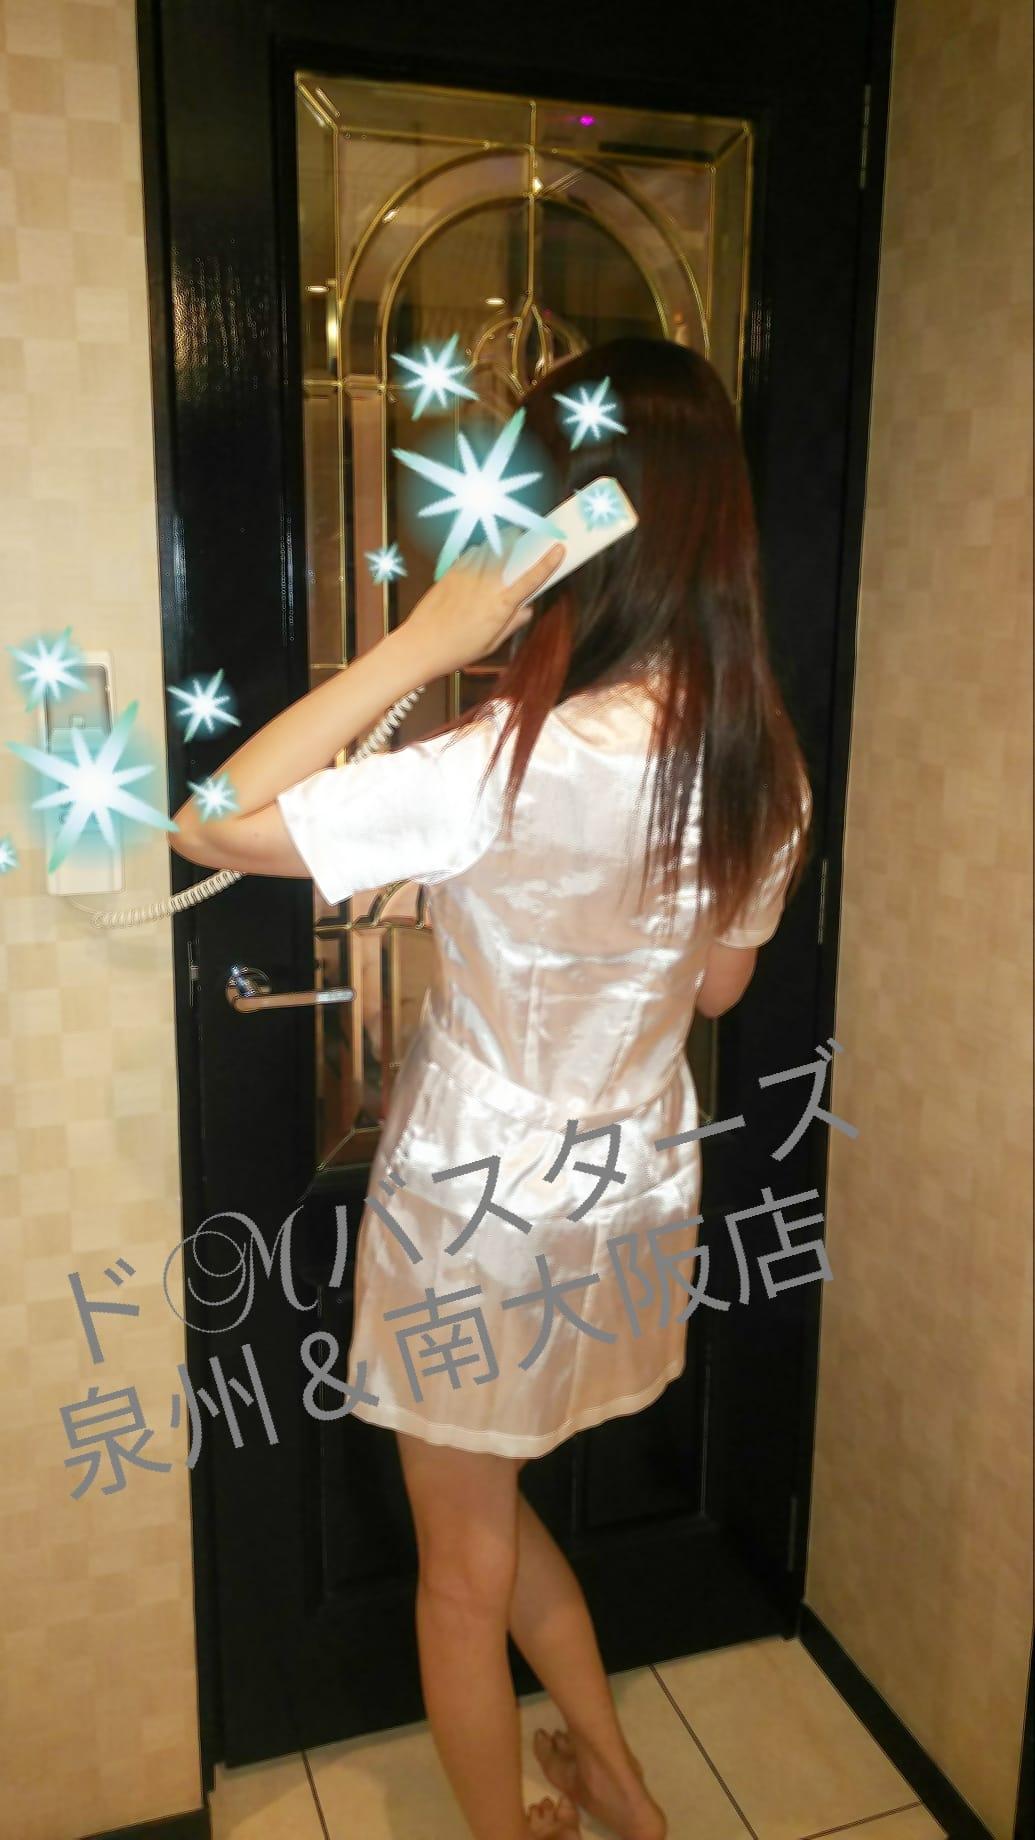 ララ「☆☆」04/19(木) 07:23 | ララの写メ・風俗動画